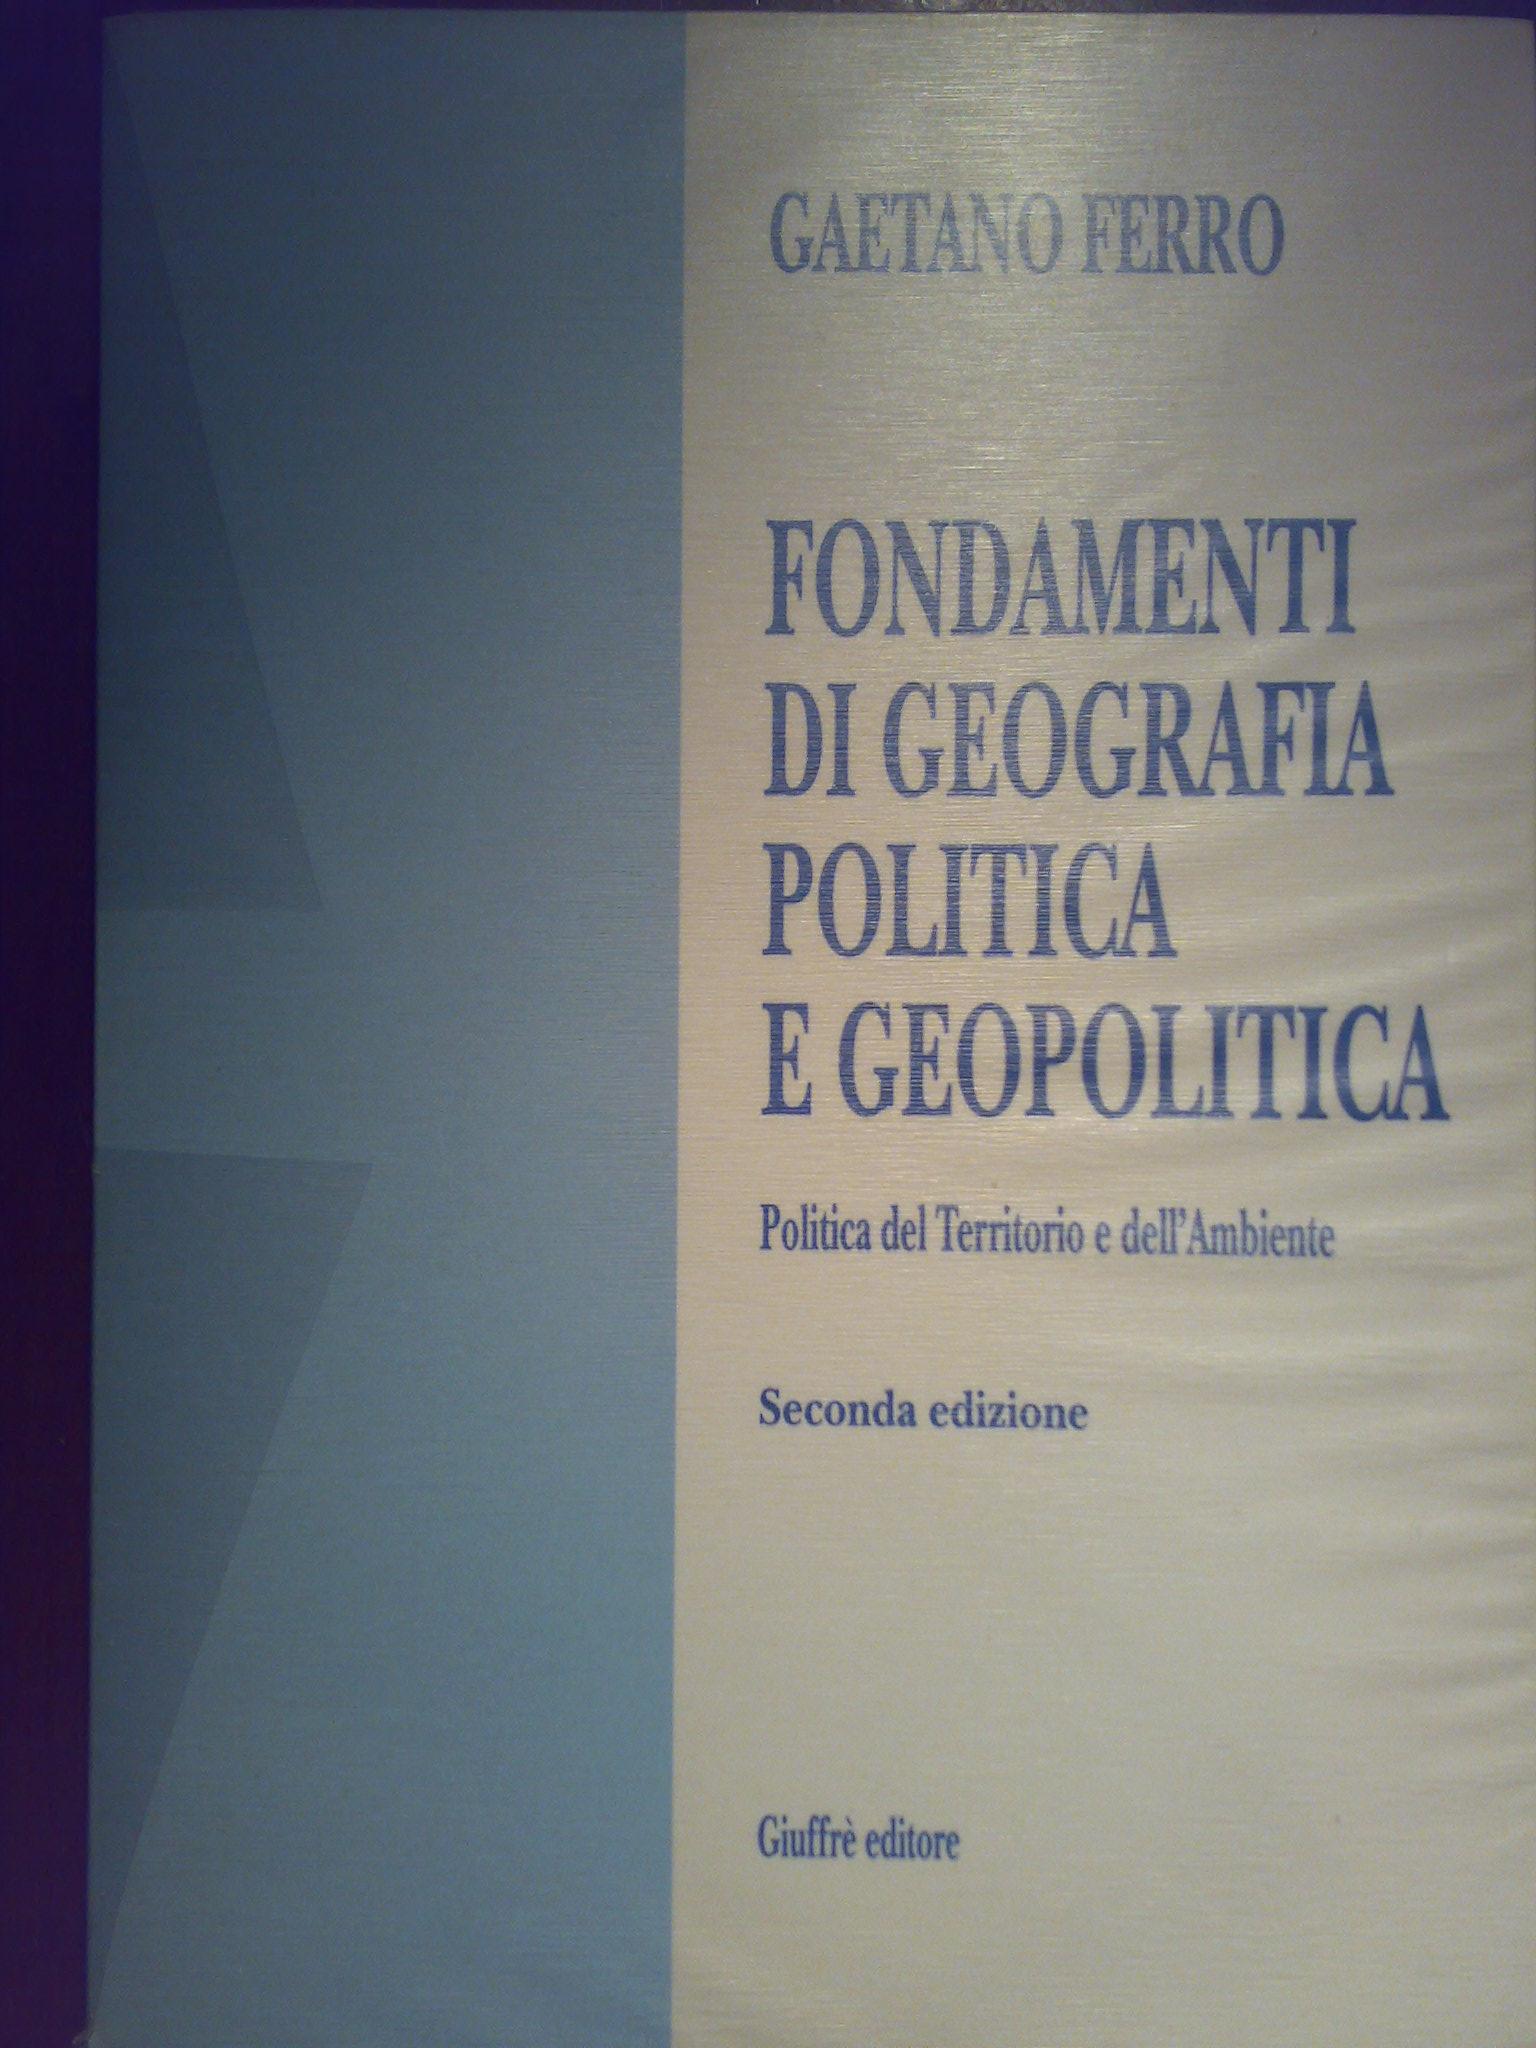 Fondamenti di geografia politica e geopolitica